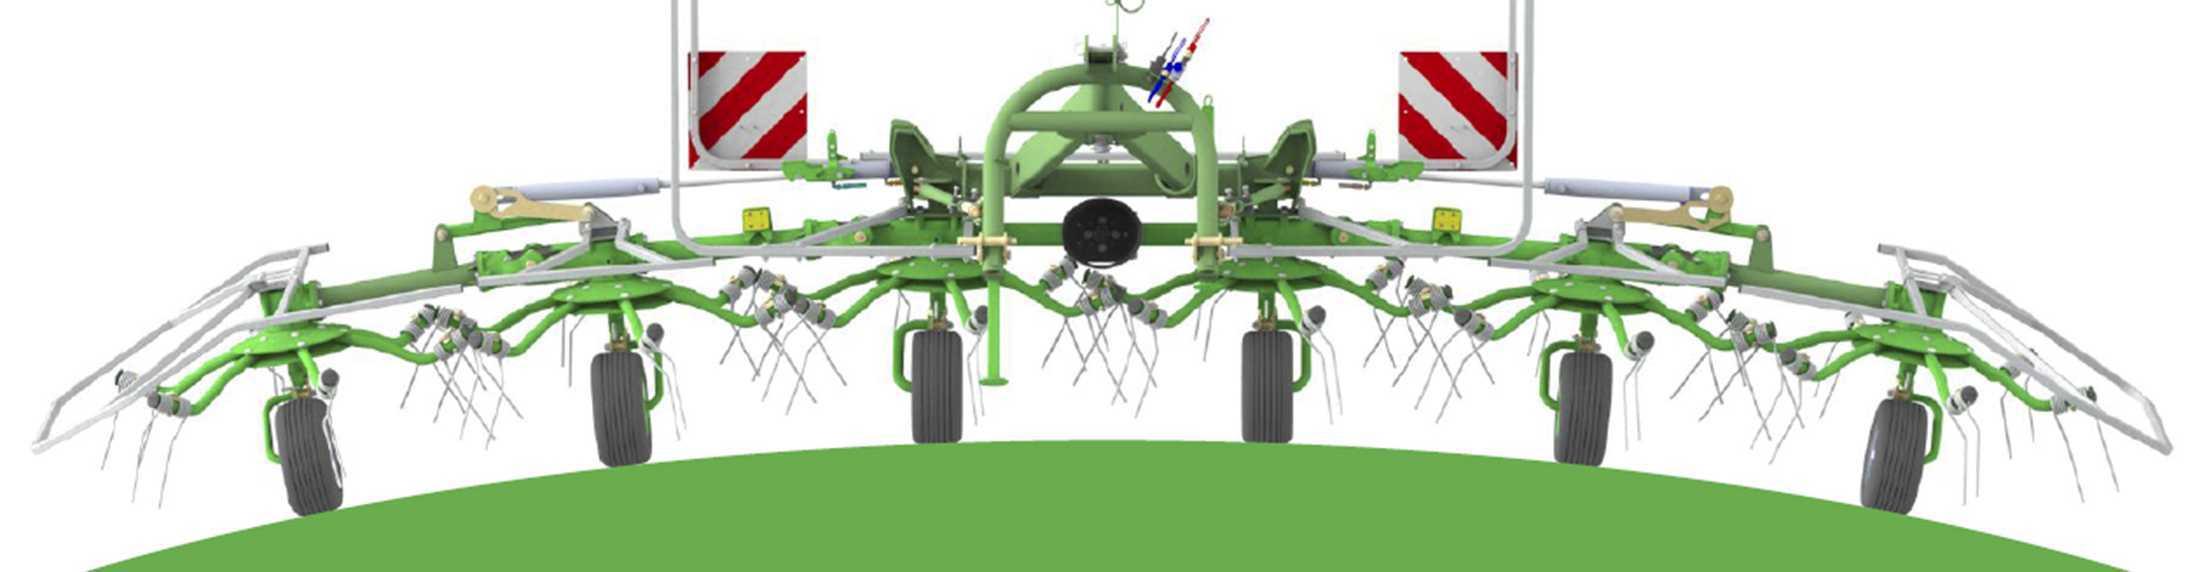 Ворошилка роторная P6-770